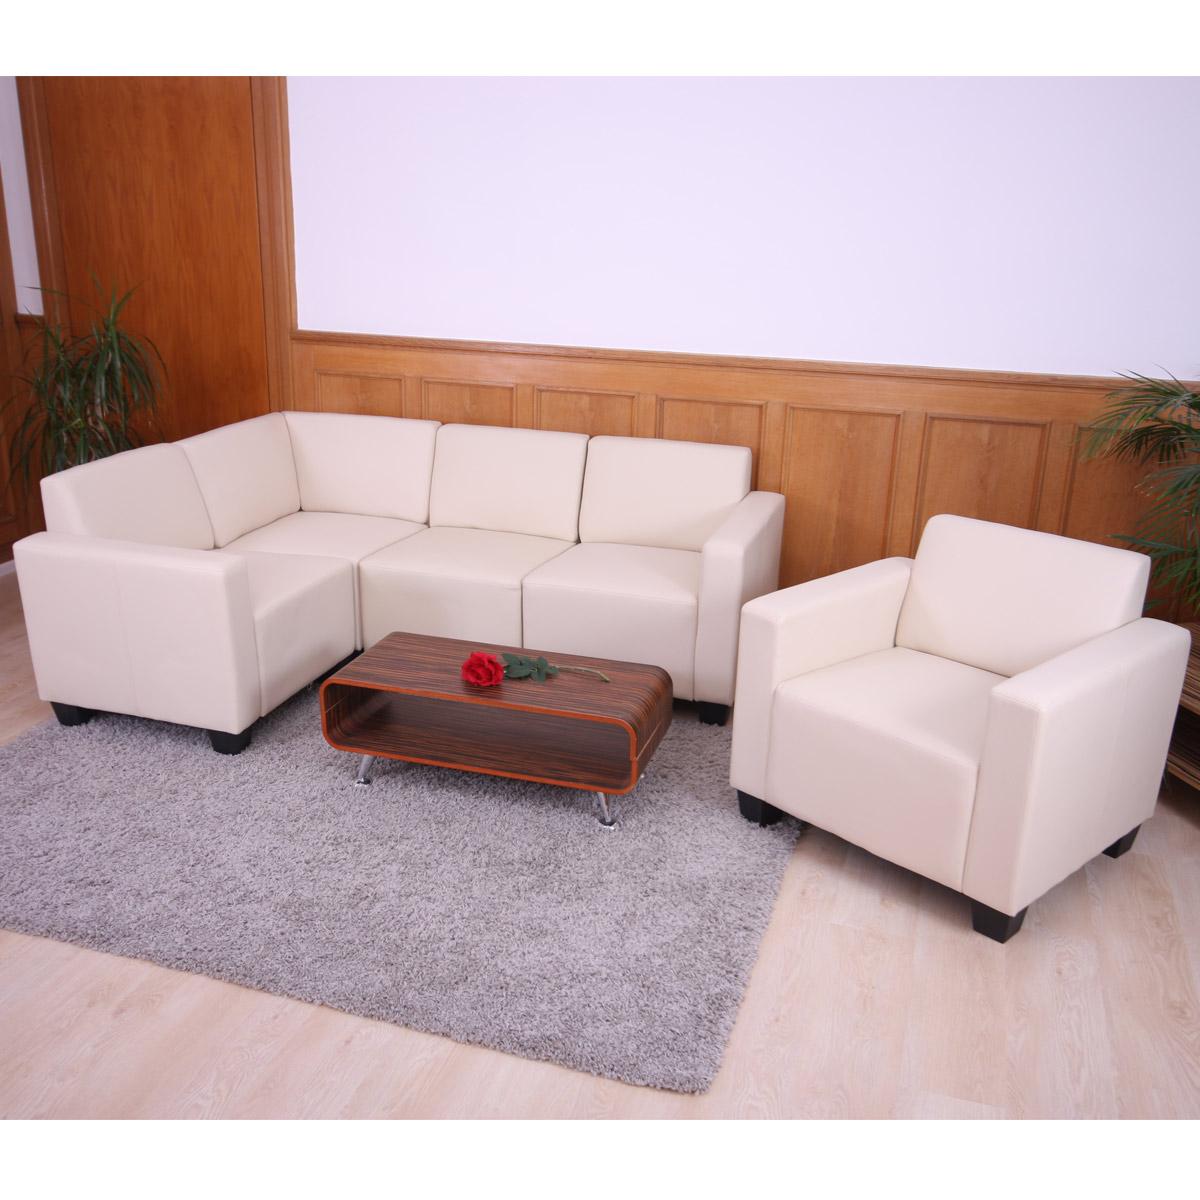 Full Size of Rundecke Sofa Garnituren Moderne Couchgarnitur Leder Kaufen Garnitur 3 Teilig Sofa Garnitur 3/2/1 Eiche Massivholz Modular System Couch Lyon 4 1 Marken Baxter Sofa Sofa Garnitur